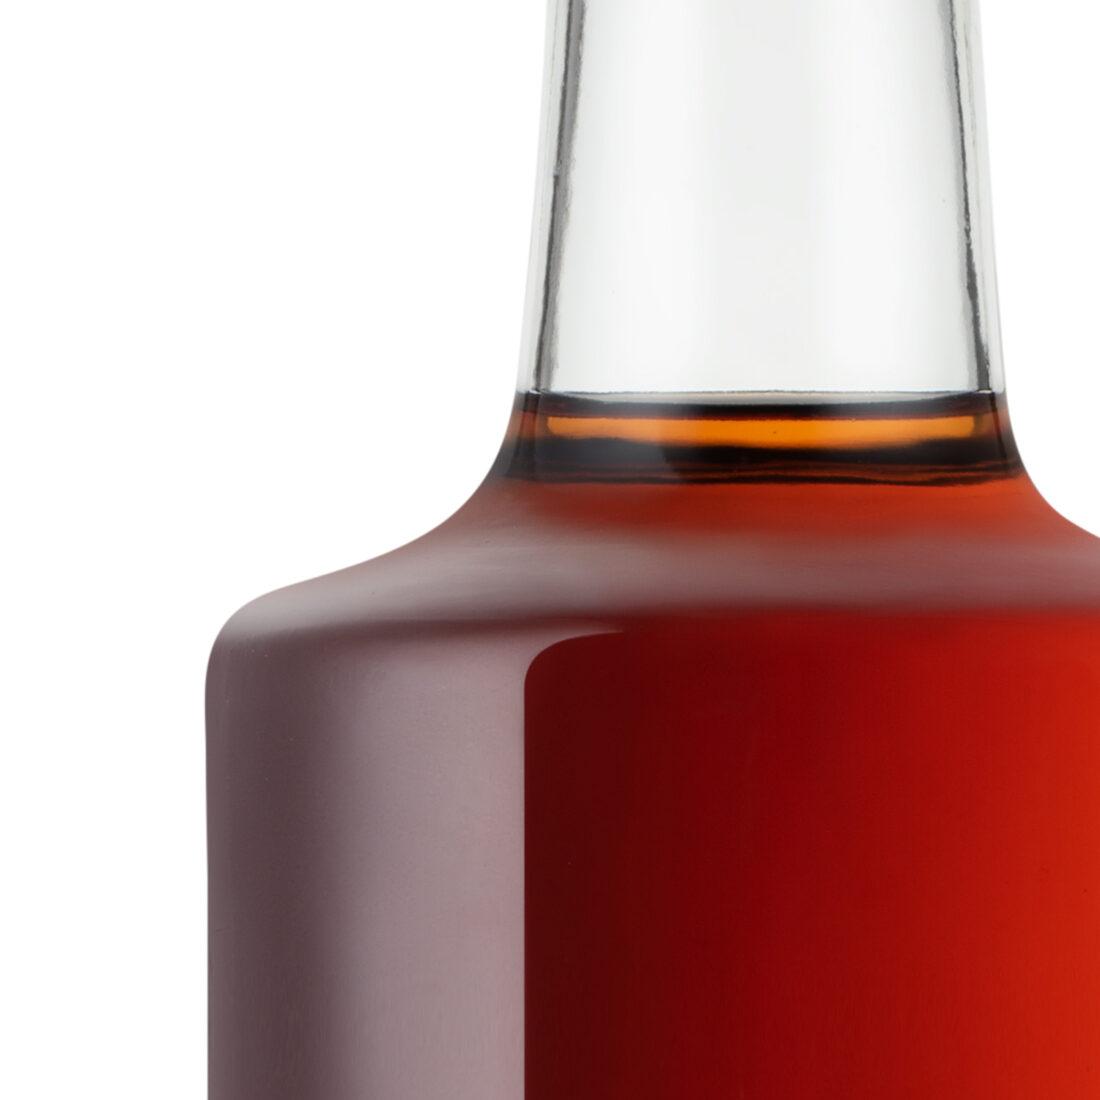 Foto della bottiglia dopo la post-produzione: esempio di post-produzione applicato alla gestione dei riflessi di una bottiglia di vetro, correzione delle macchie e pulizia delle linee